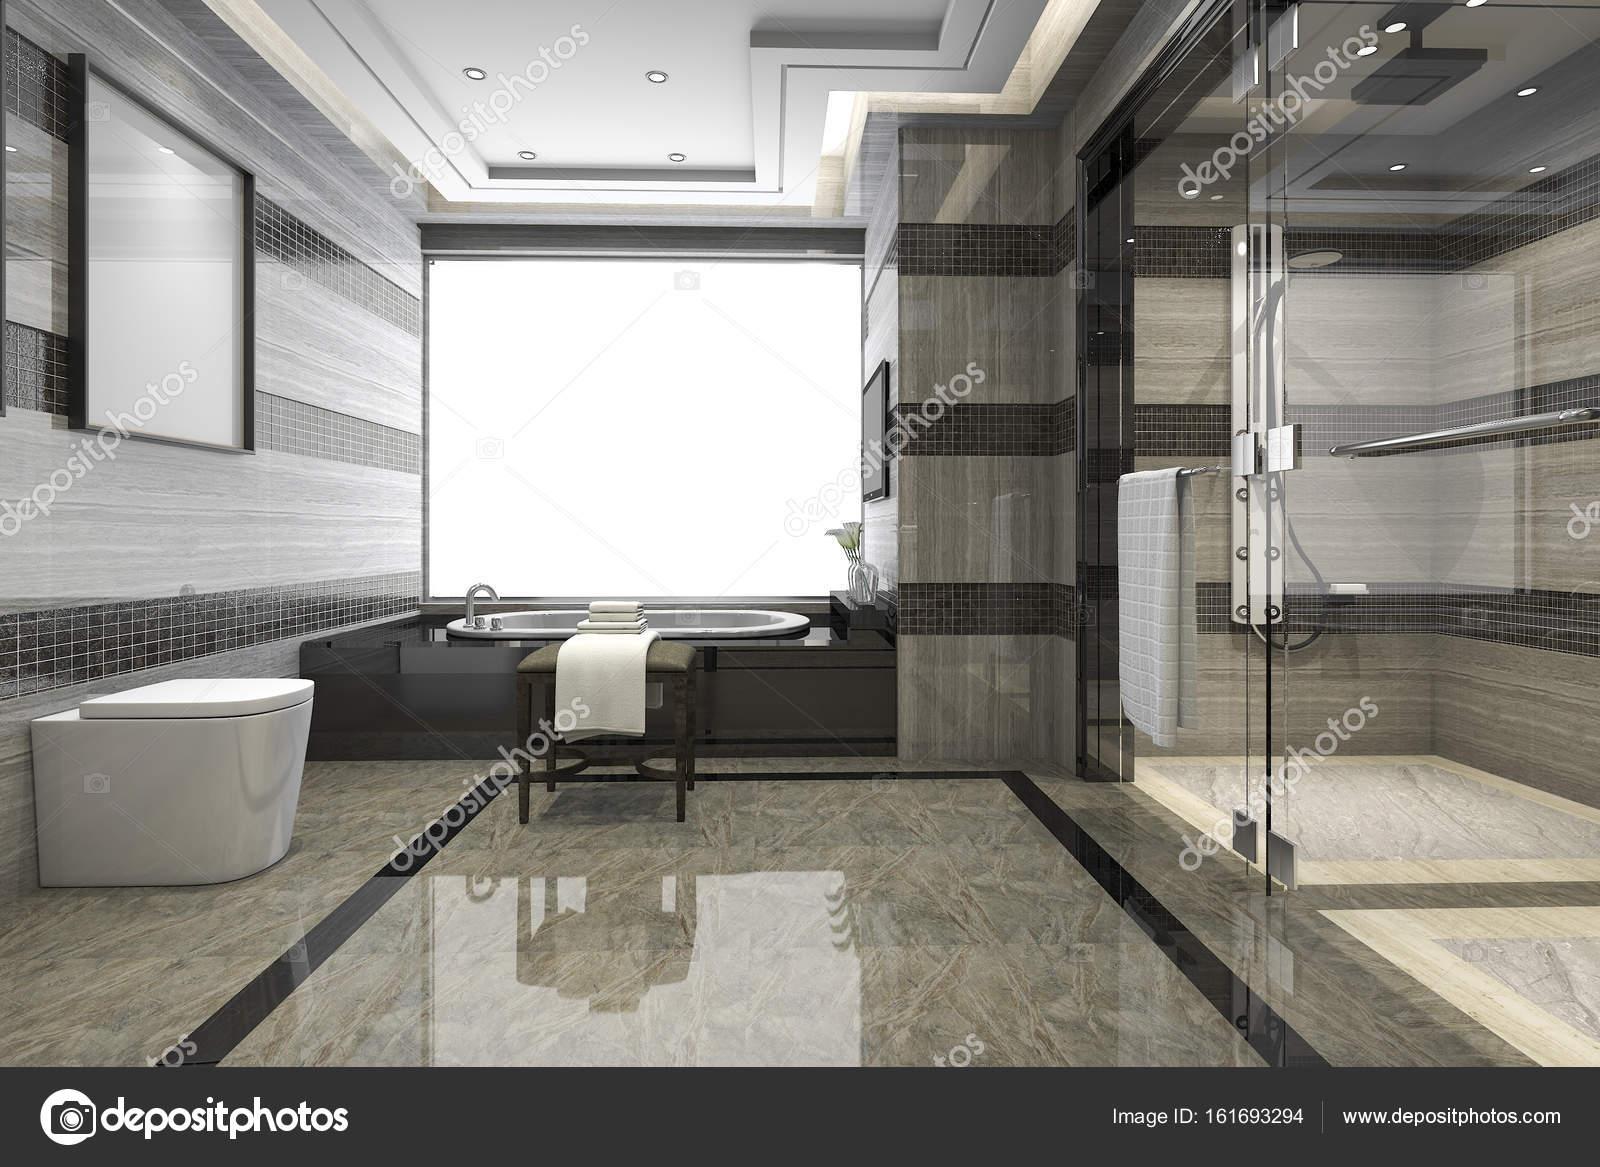 Modernes Loft Bad Mit Luxuriosen Fliesen Dekor Stockfoto